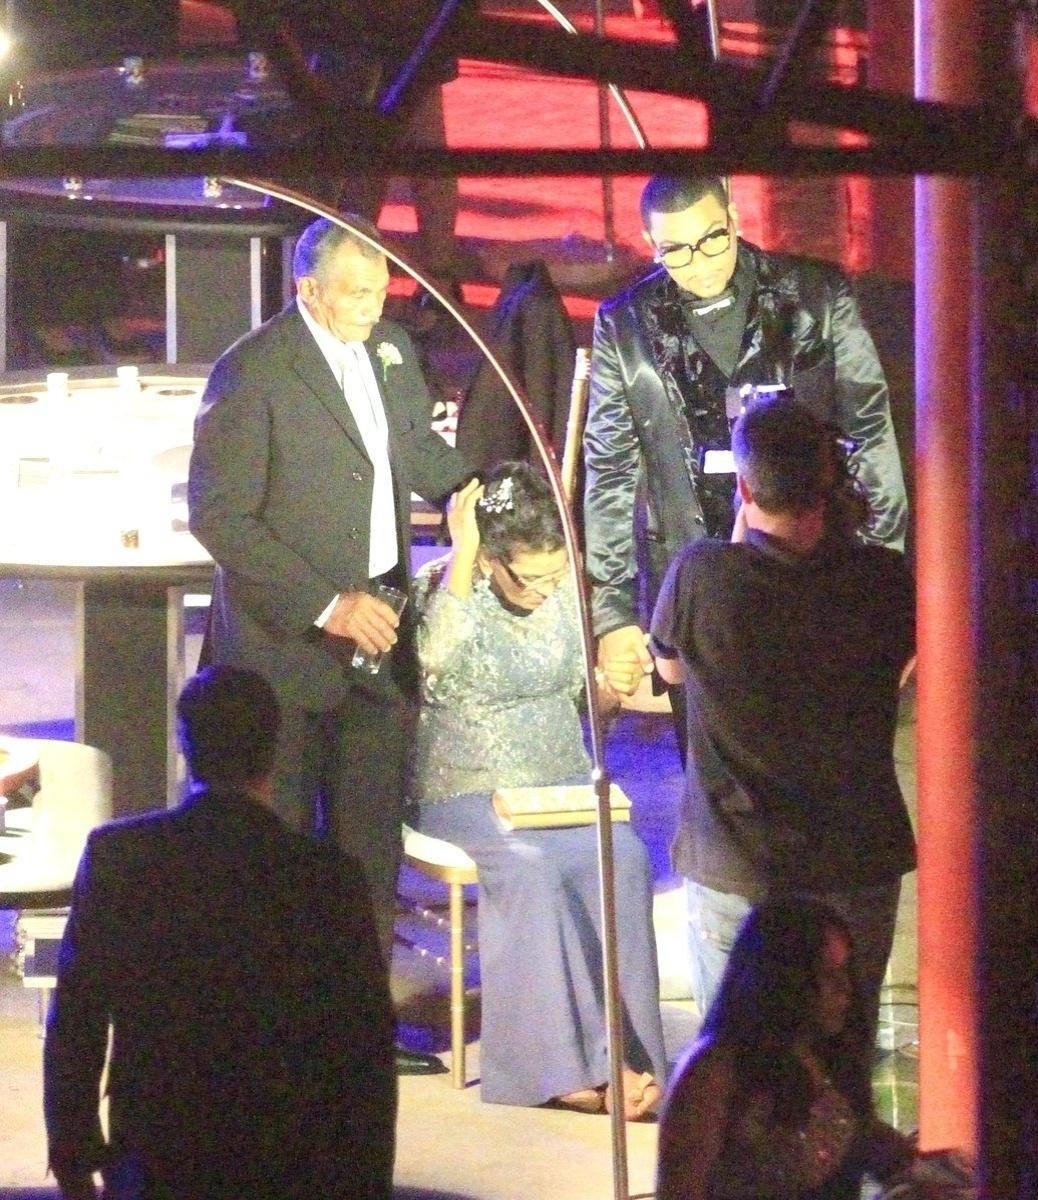 23.set.2013 - Naldo com os pais em seu casamento com a Mulher Moranguinho em casa de festas em Jacarepaguá, Zona Oeste do Rio